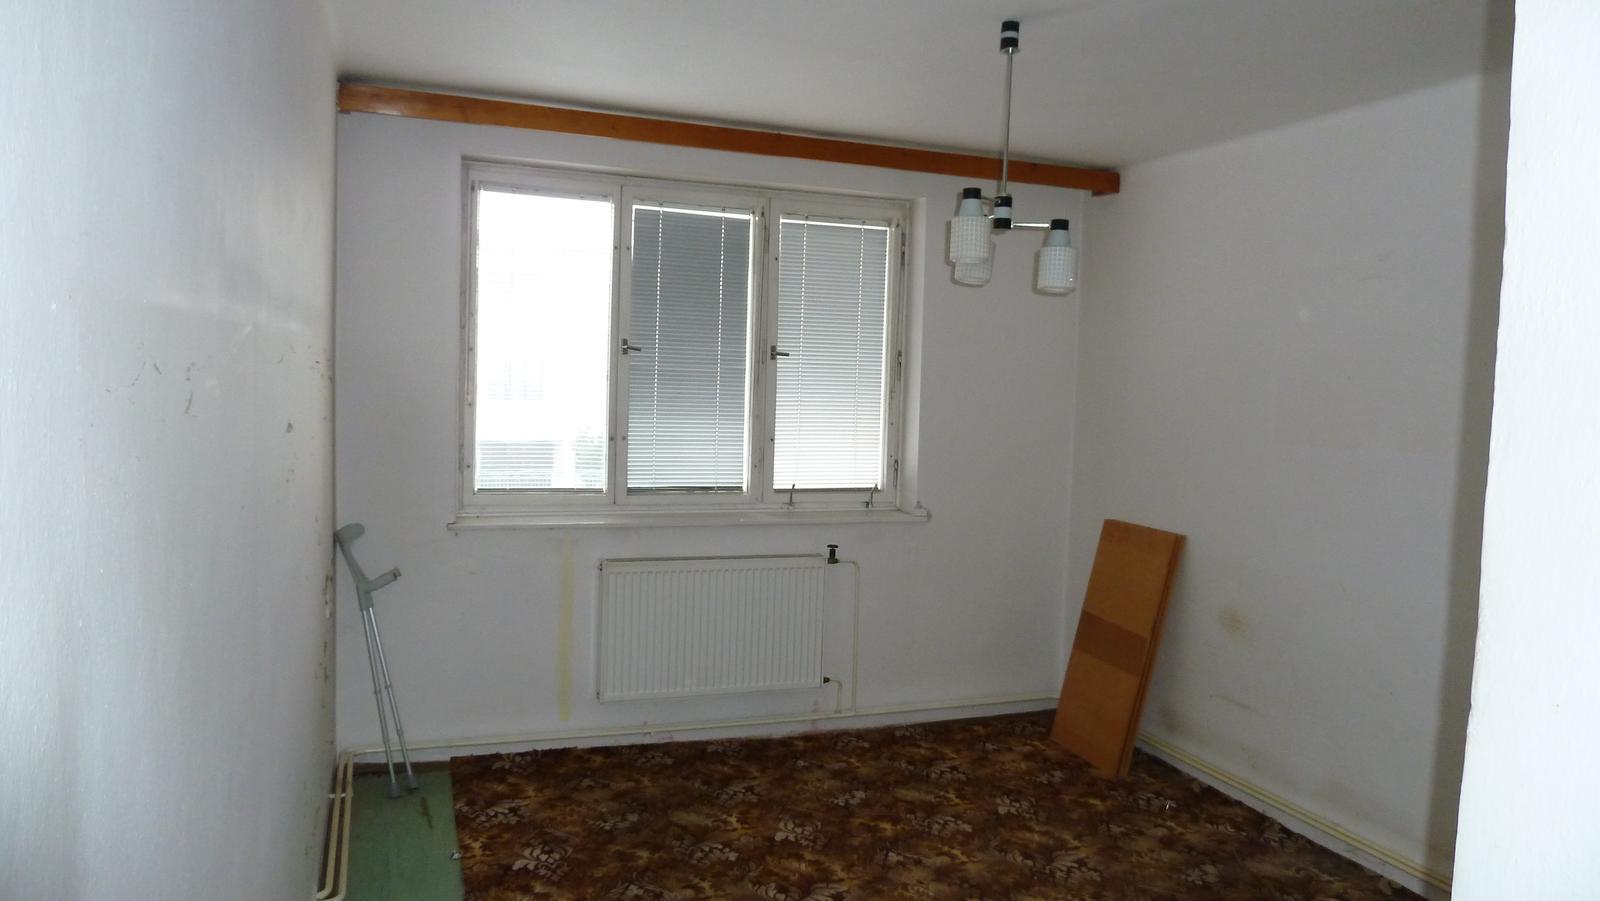 Projekt: Nové bývanie ... - ... izba pre jednu ratolesť :-) ...